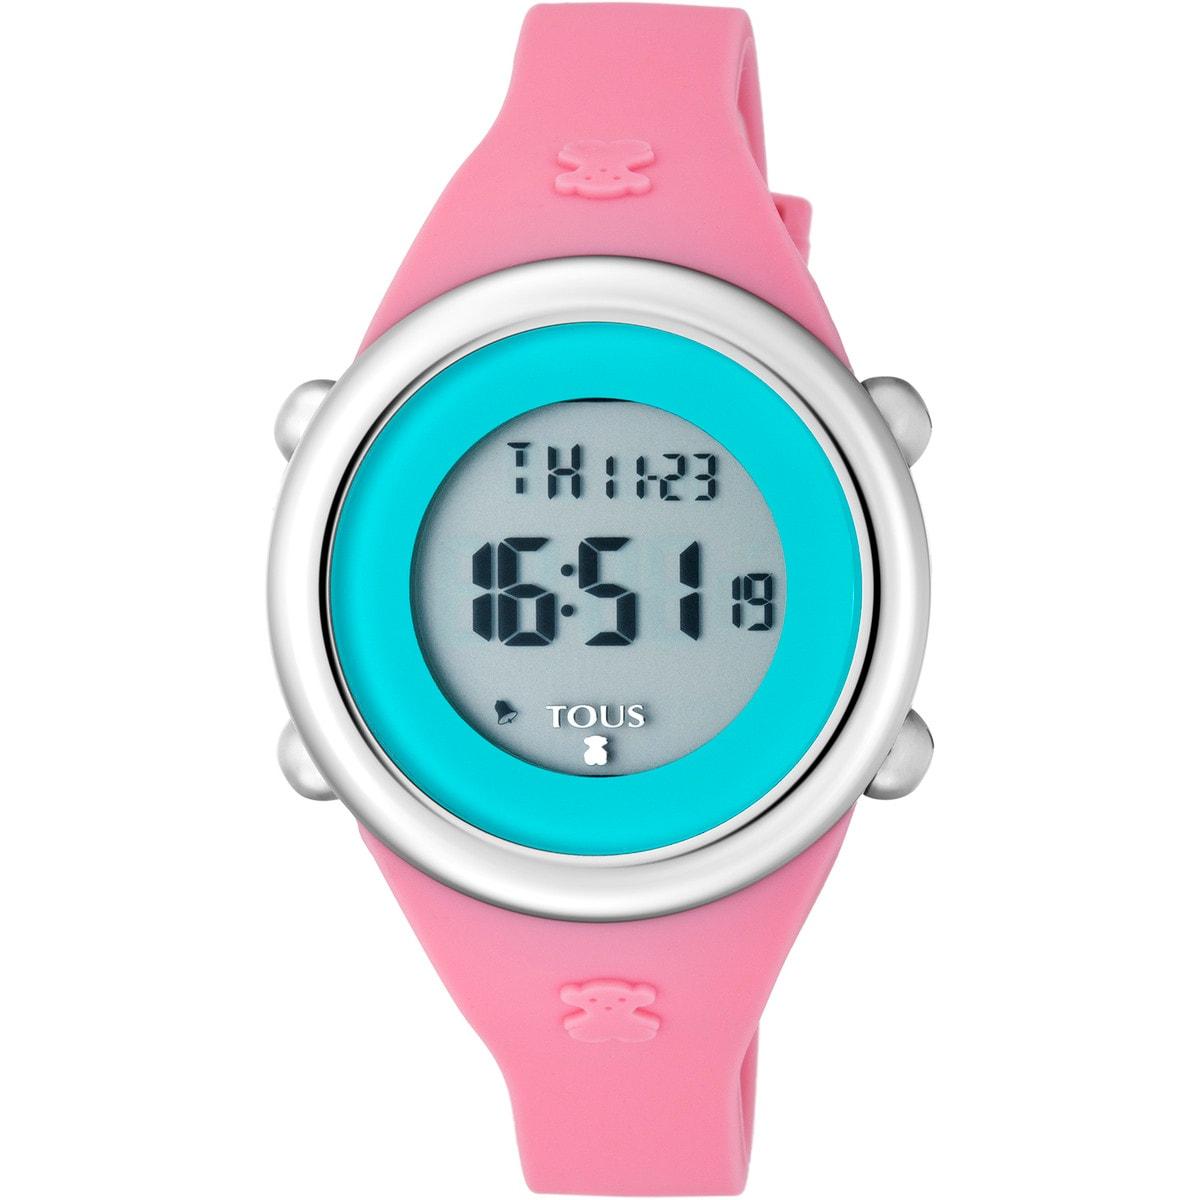 Steel Soft Digital Watch with fuchsia Silicone strap